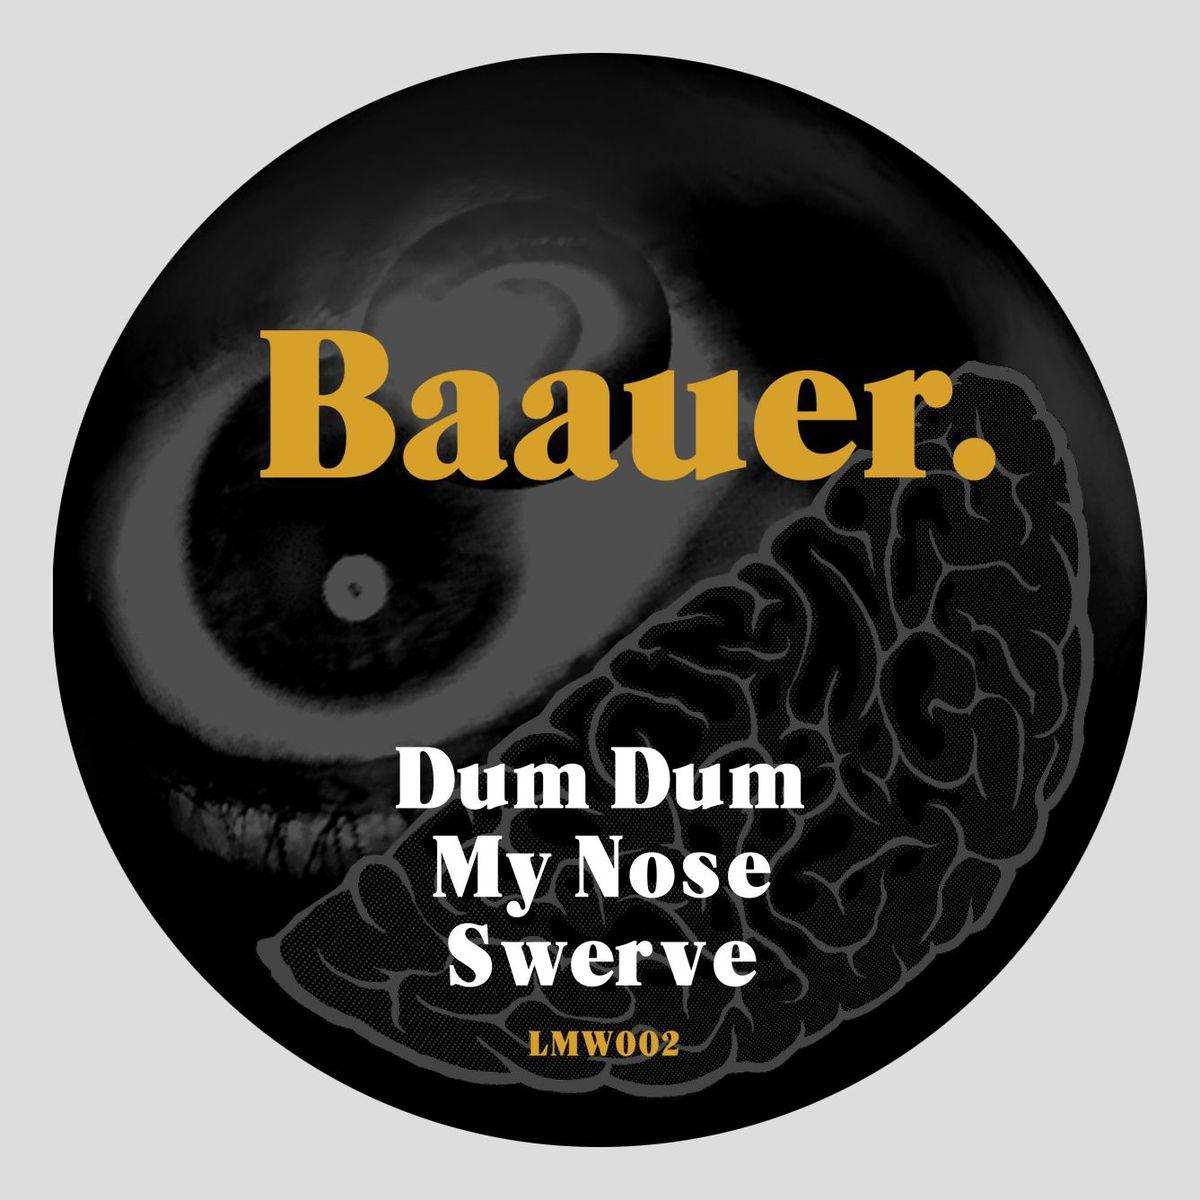 DUM DUM   Baauer